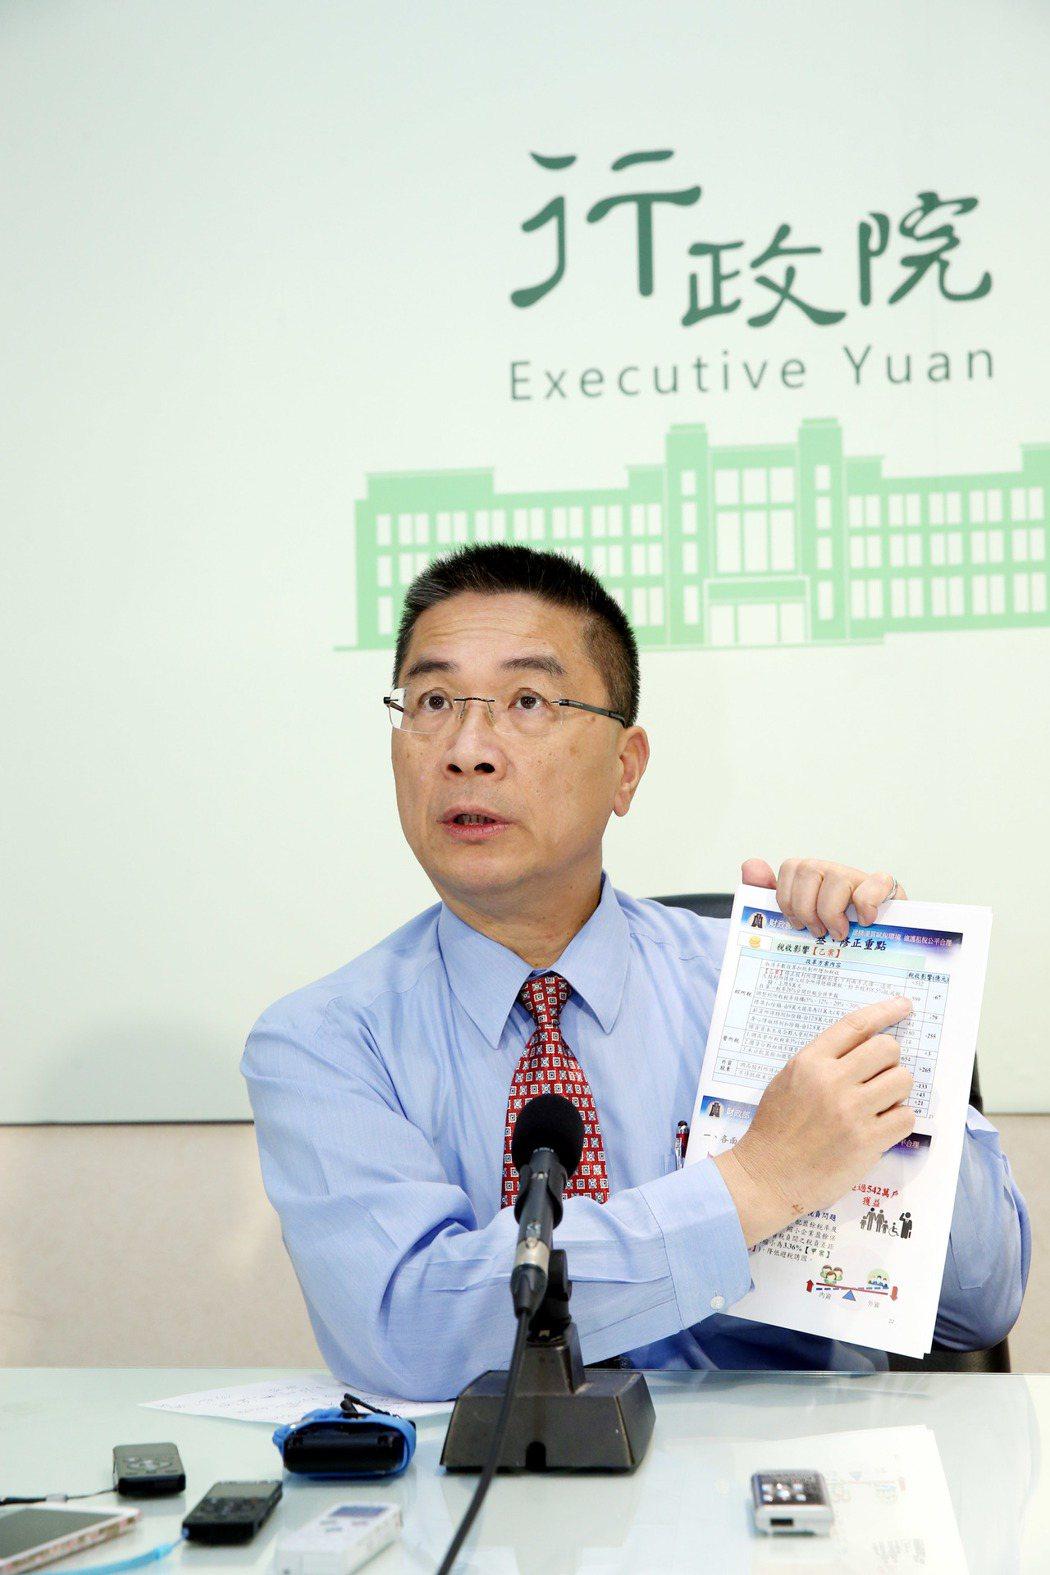 行政院發言人徐國勇下午舉行記者會宣布,行政院在中午的便當會後決定稅改採乙案,並以...